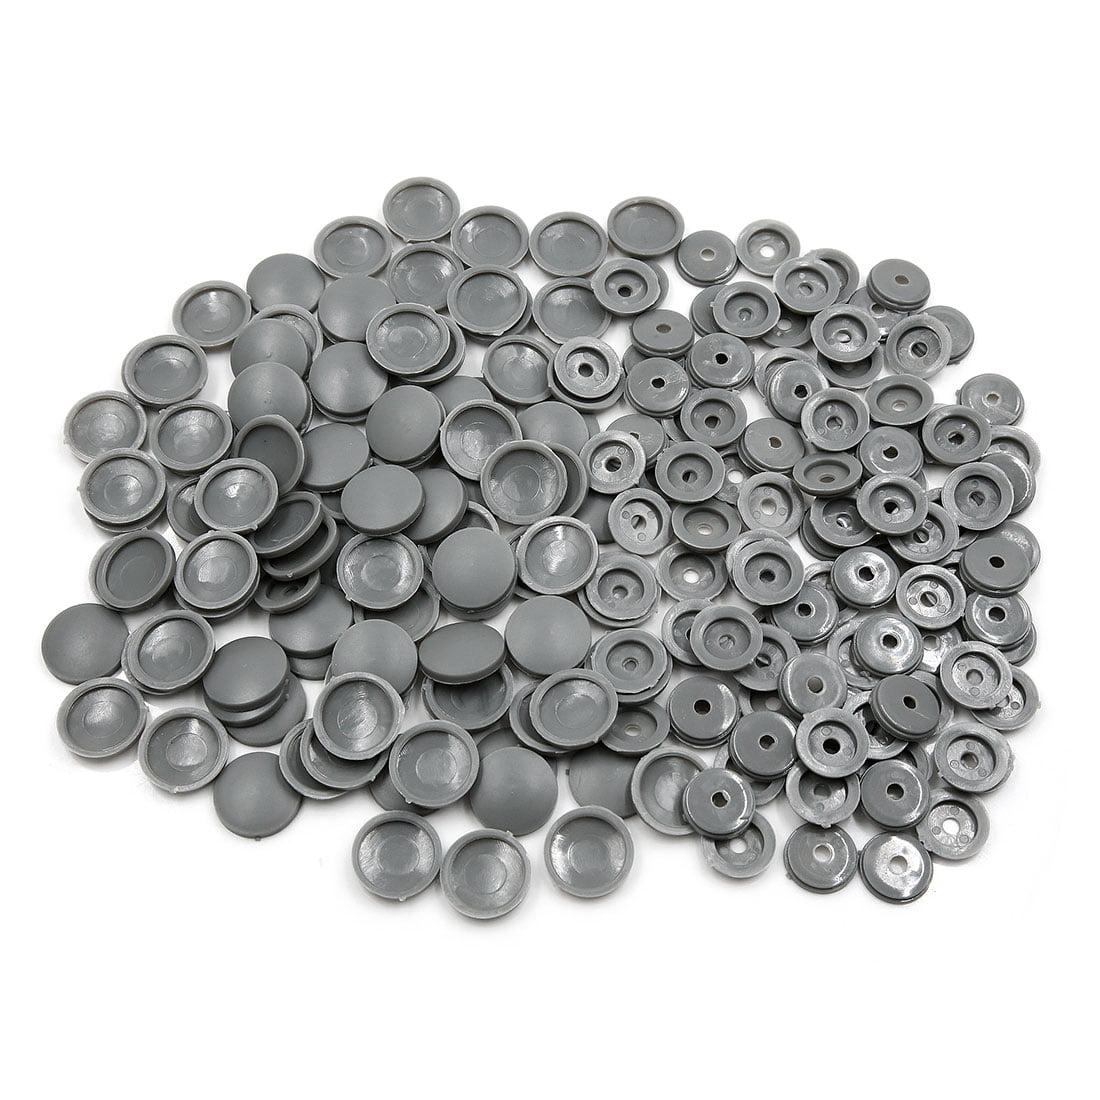 100 Set Gray 4mm Dia Nut Screw Bolt Cap Cover Interior Decoration for Car - image 3 of 3